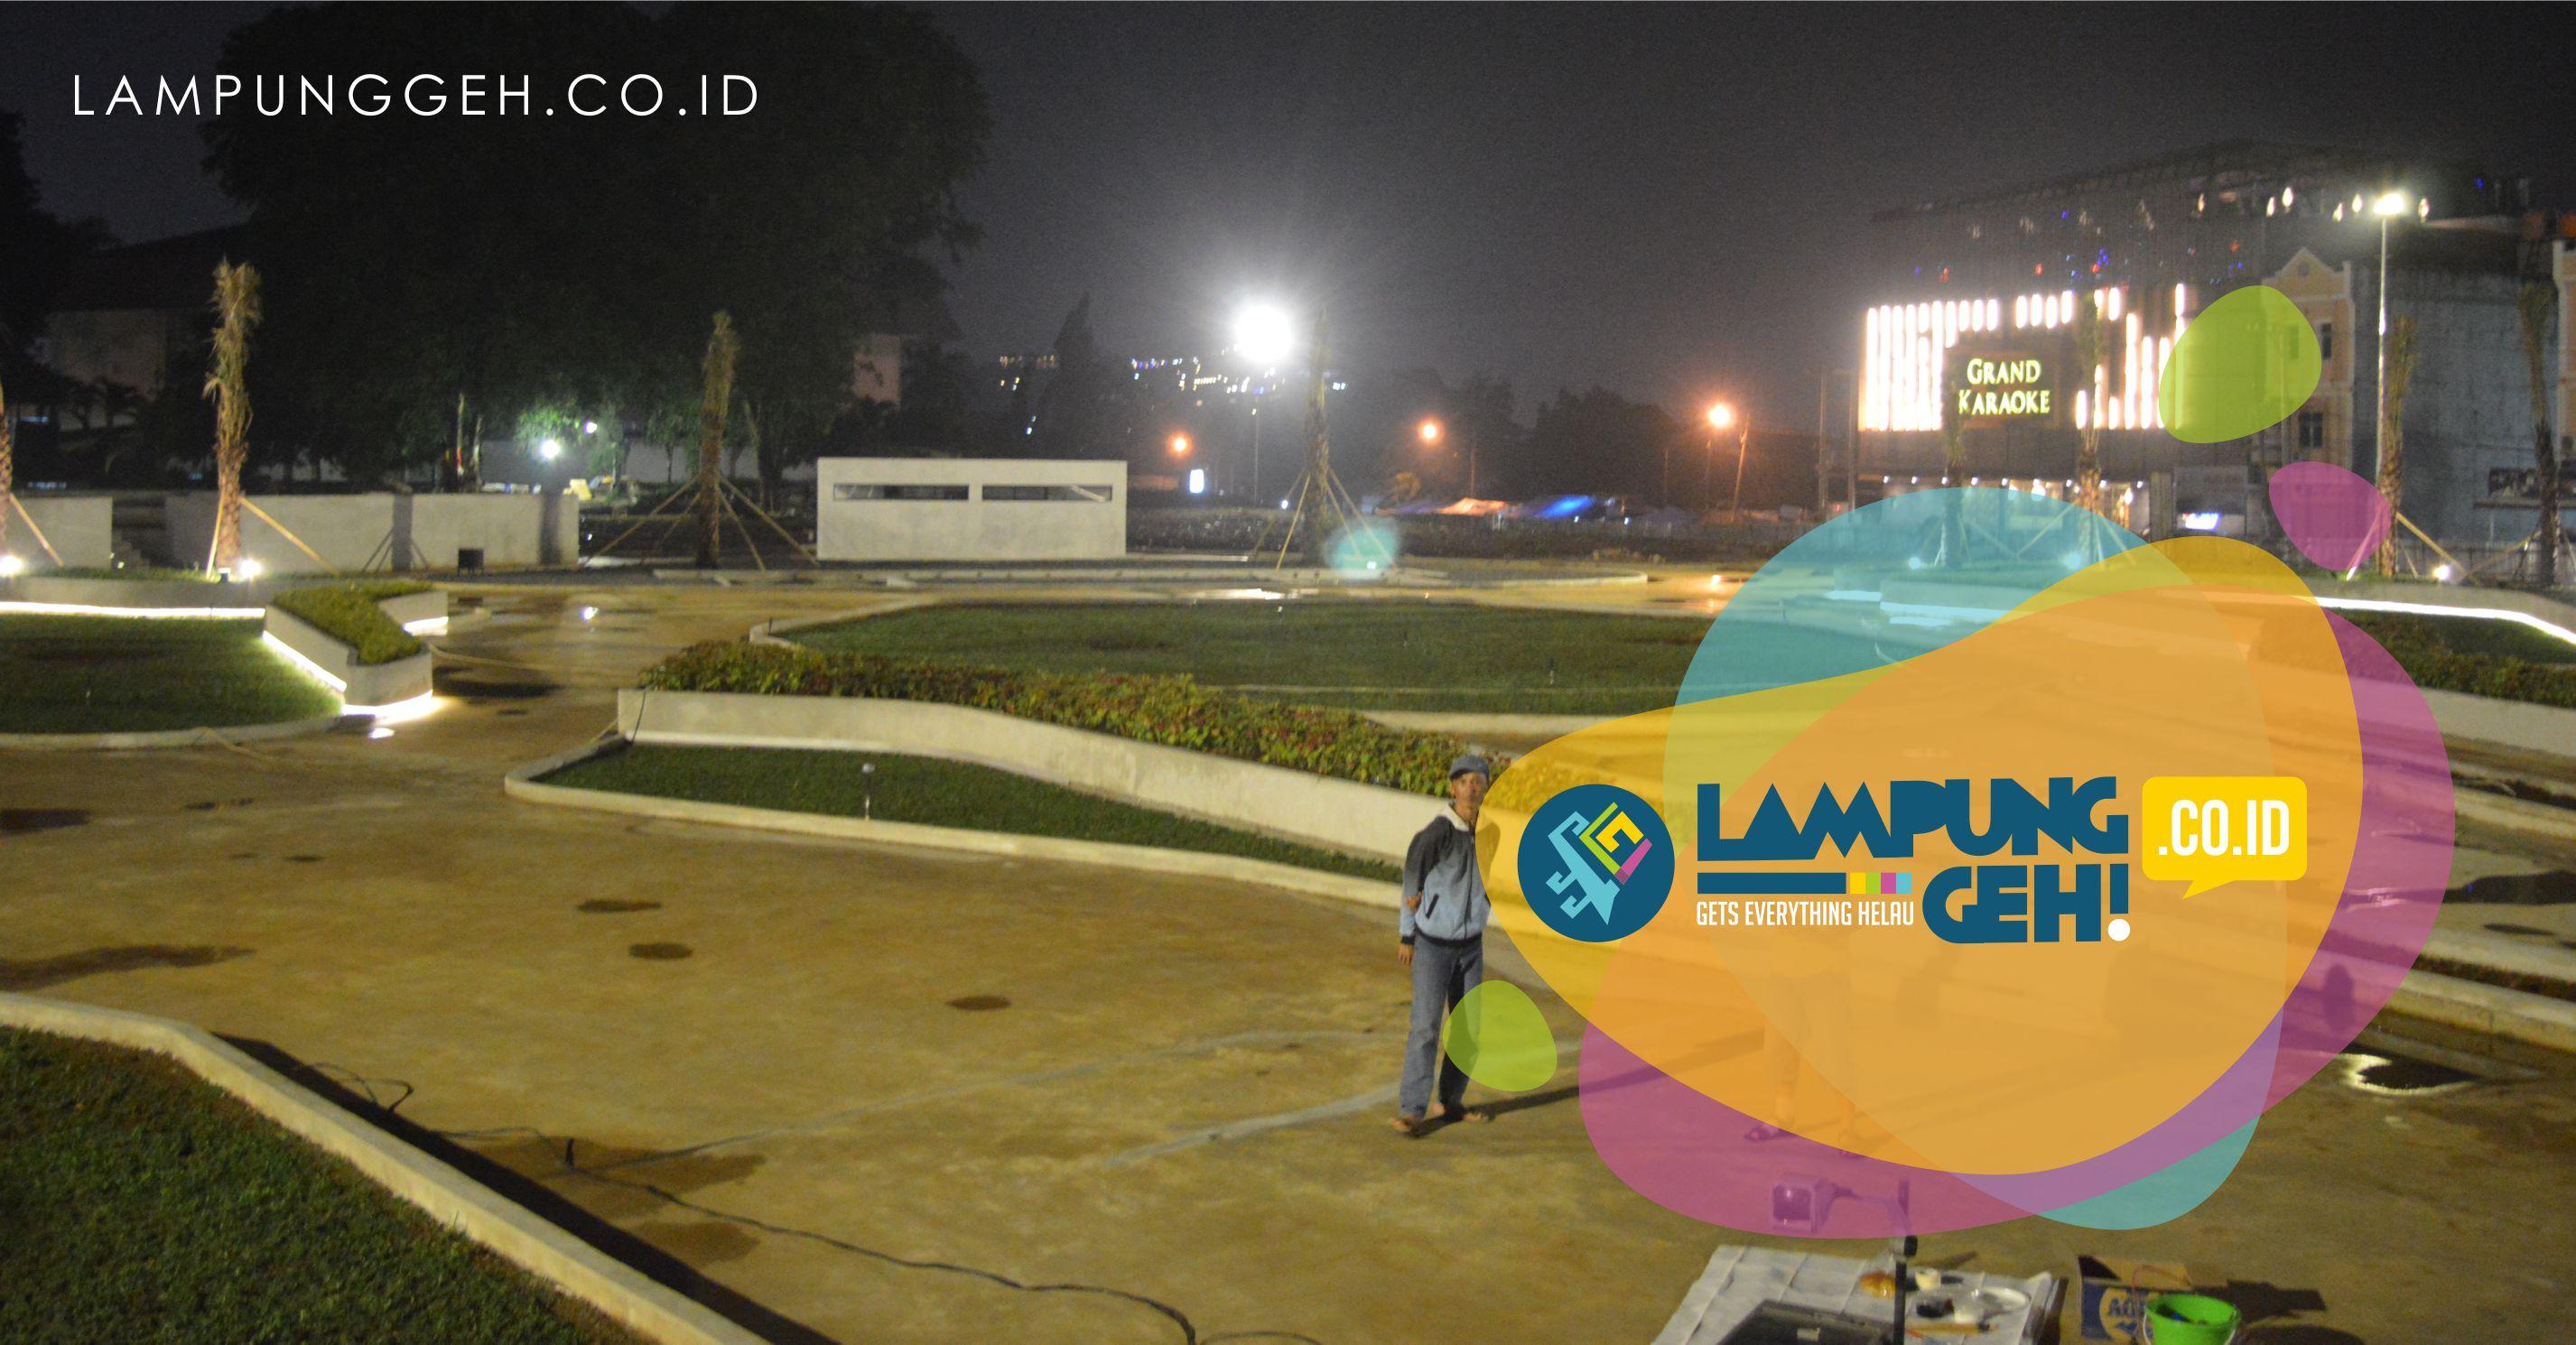 10 Februari 2018 Taman Gajah Diresmikan Aja Lampung Geh Kota